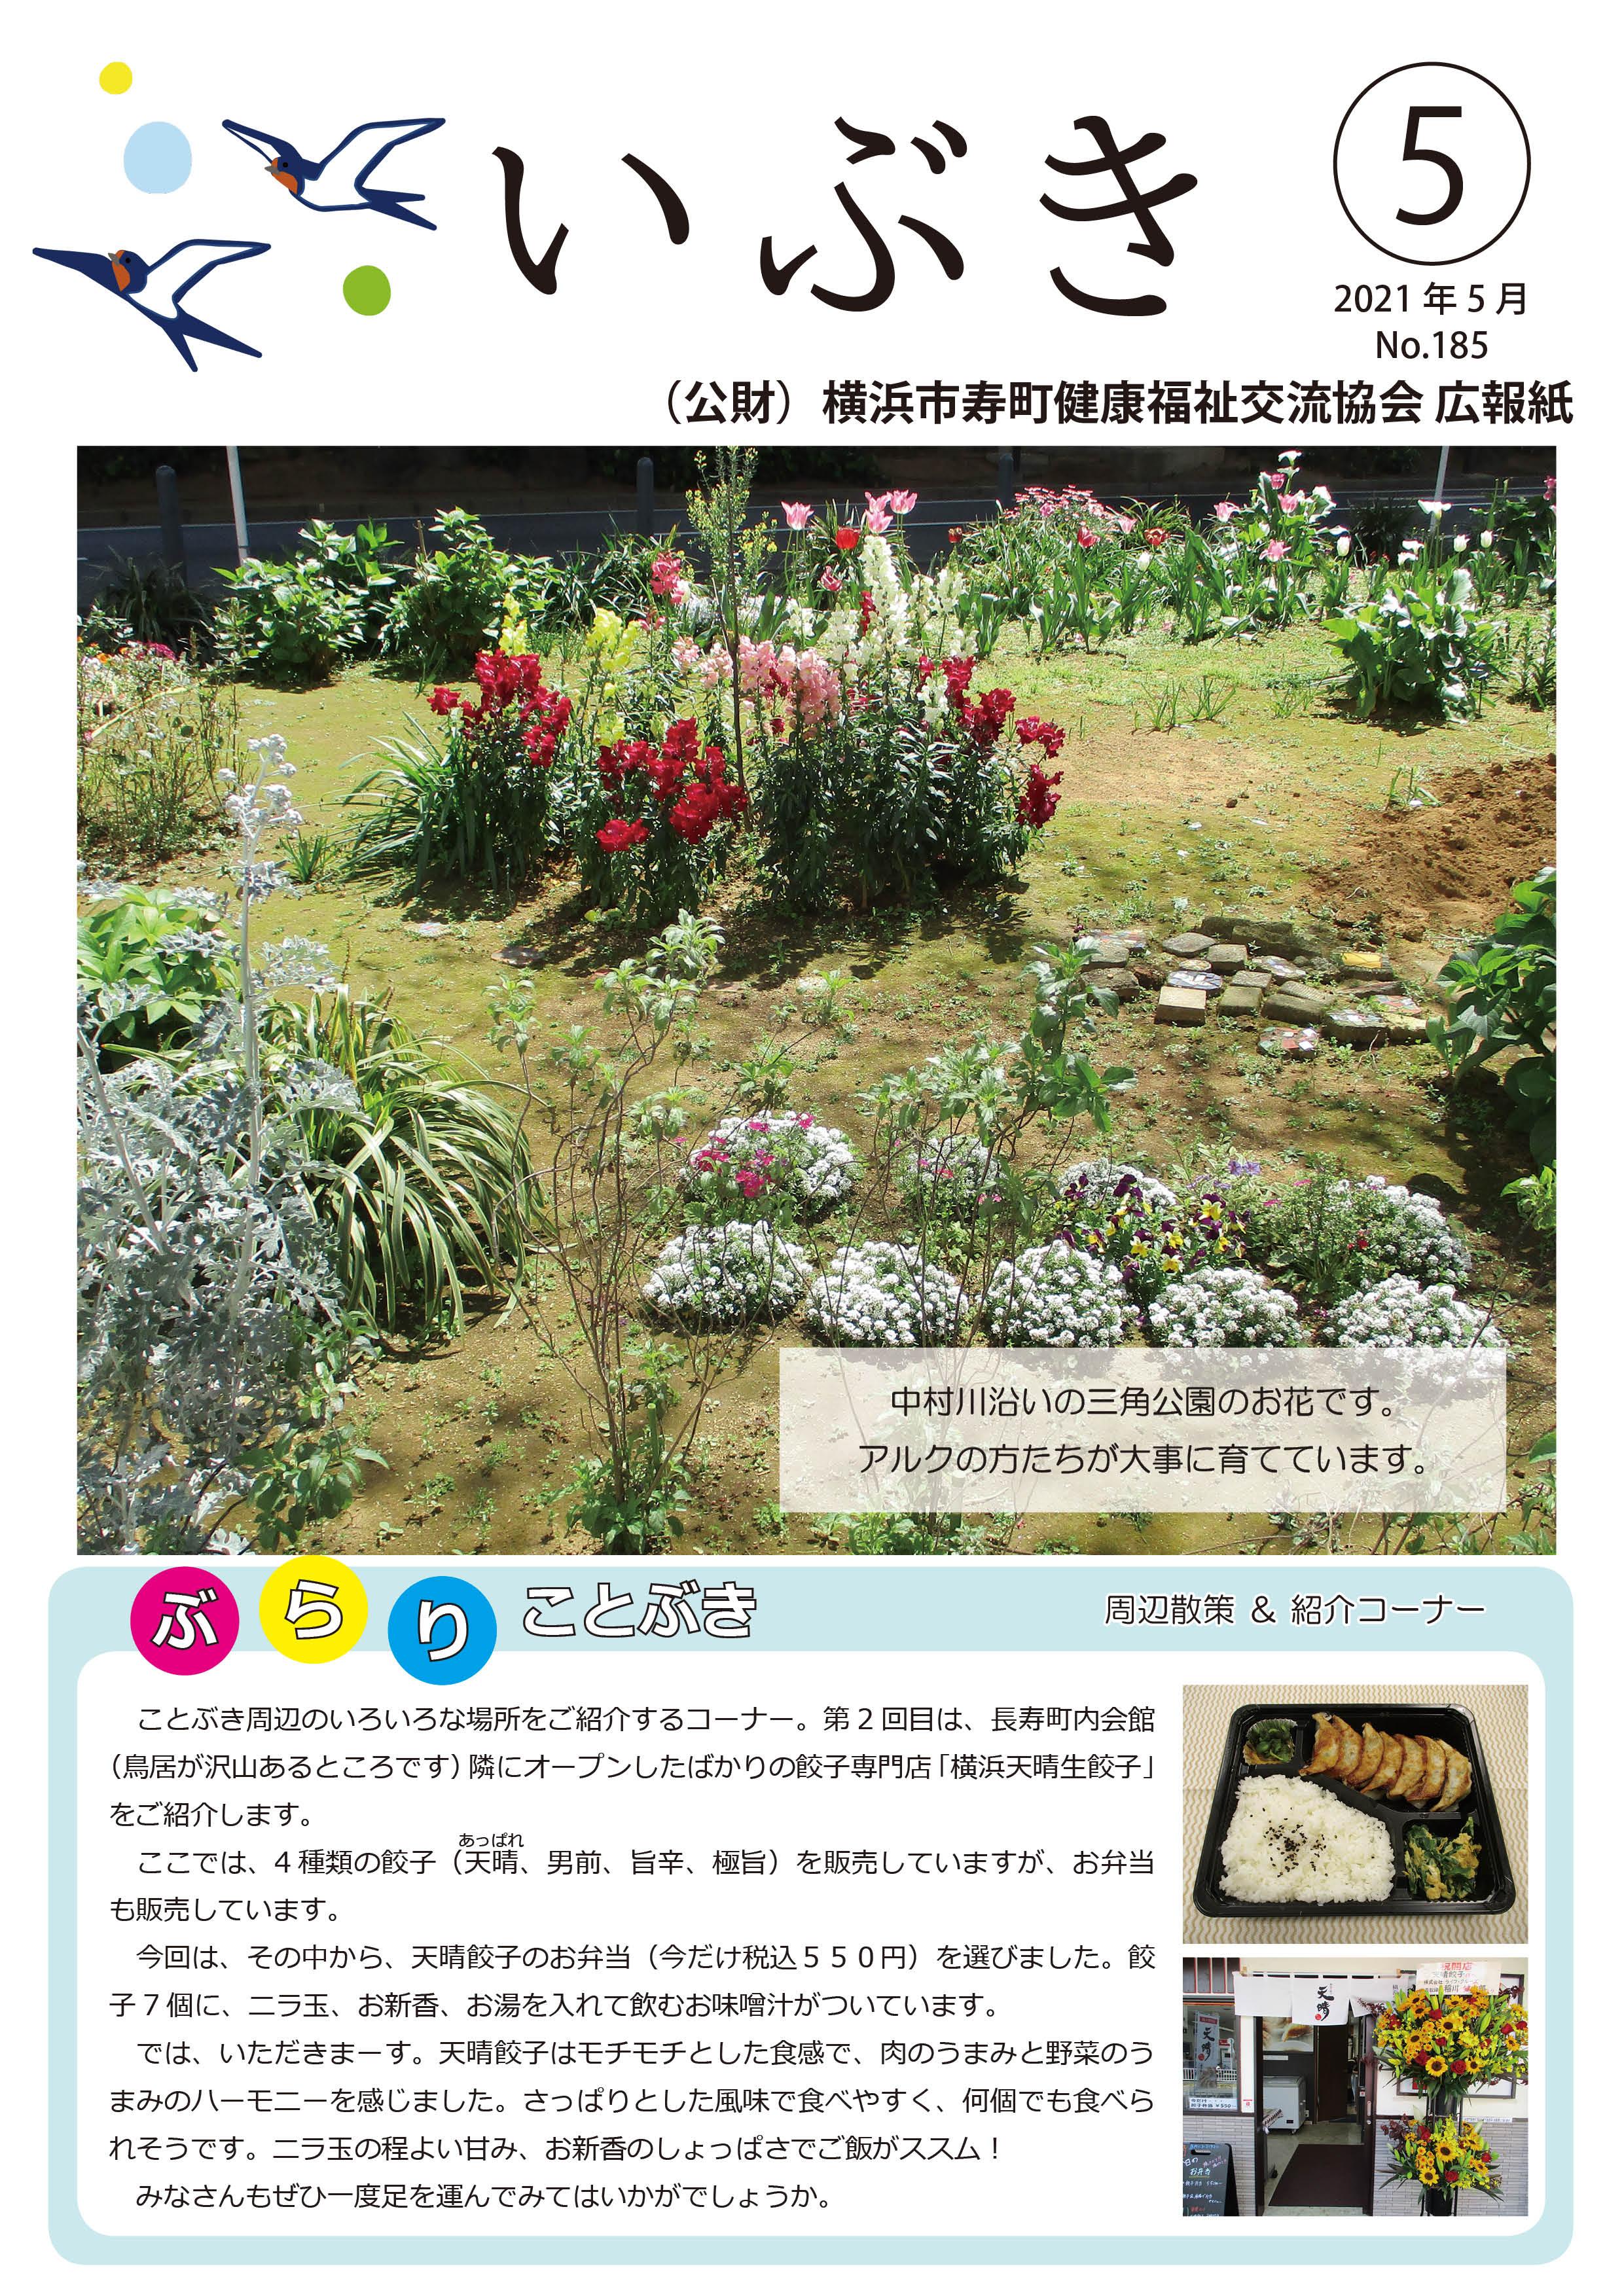 広報紙いぶき2021年5月号(No.185)